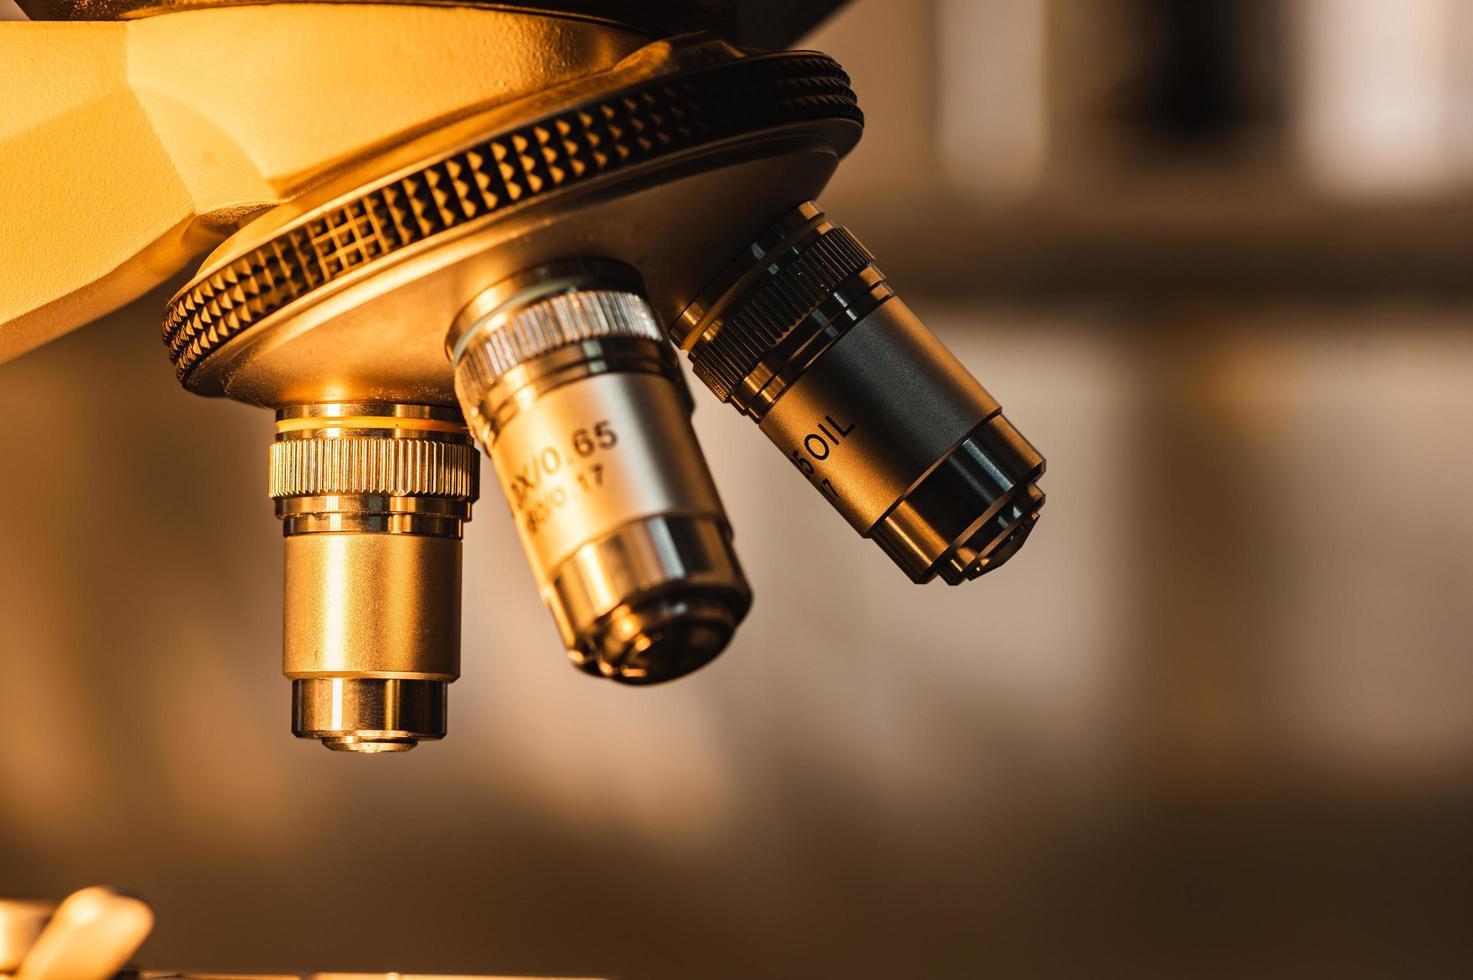 licht op een microscoop foto